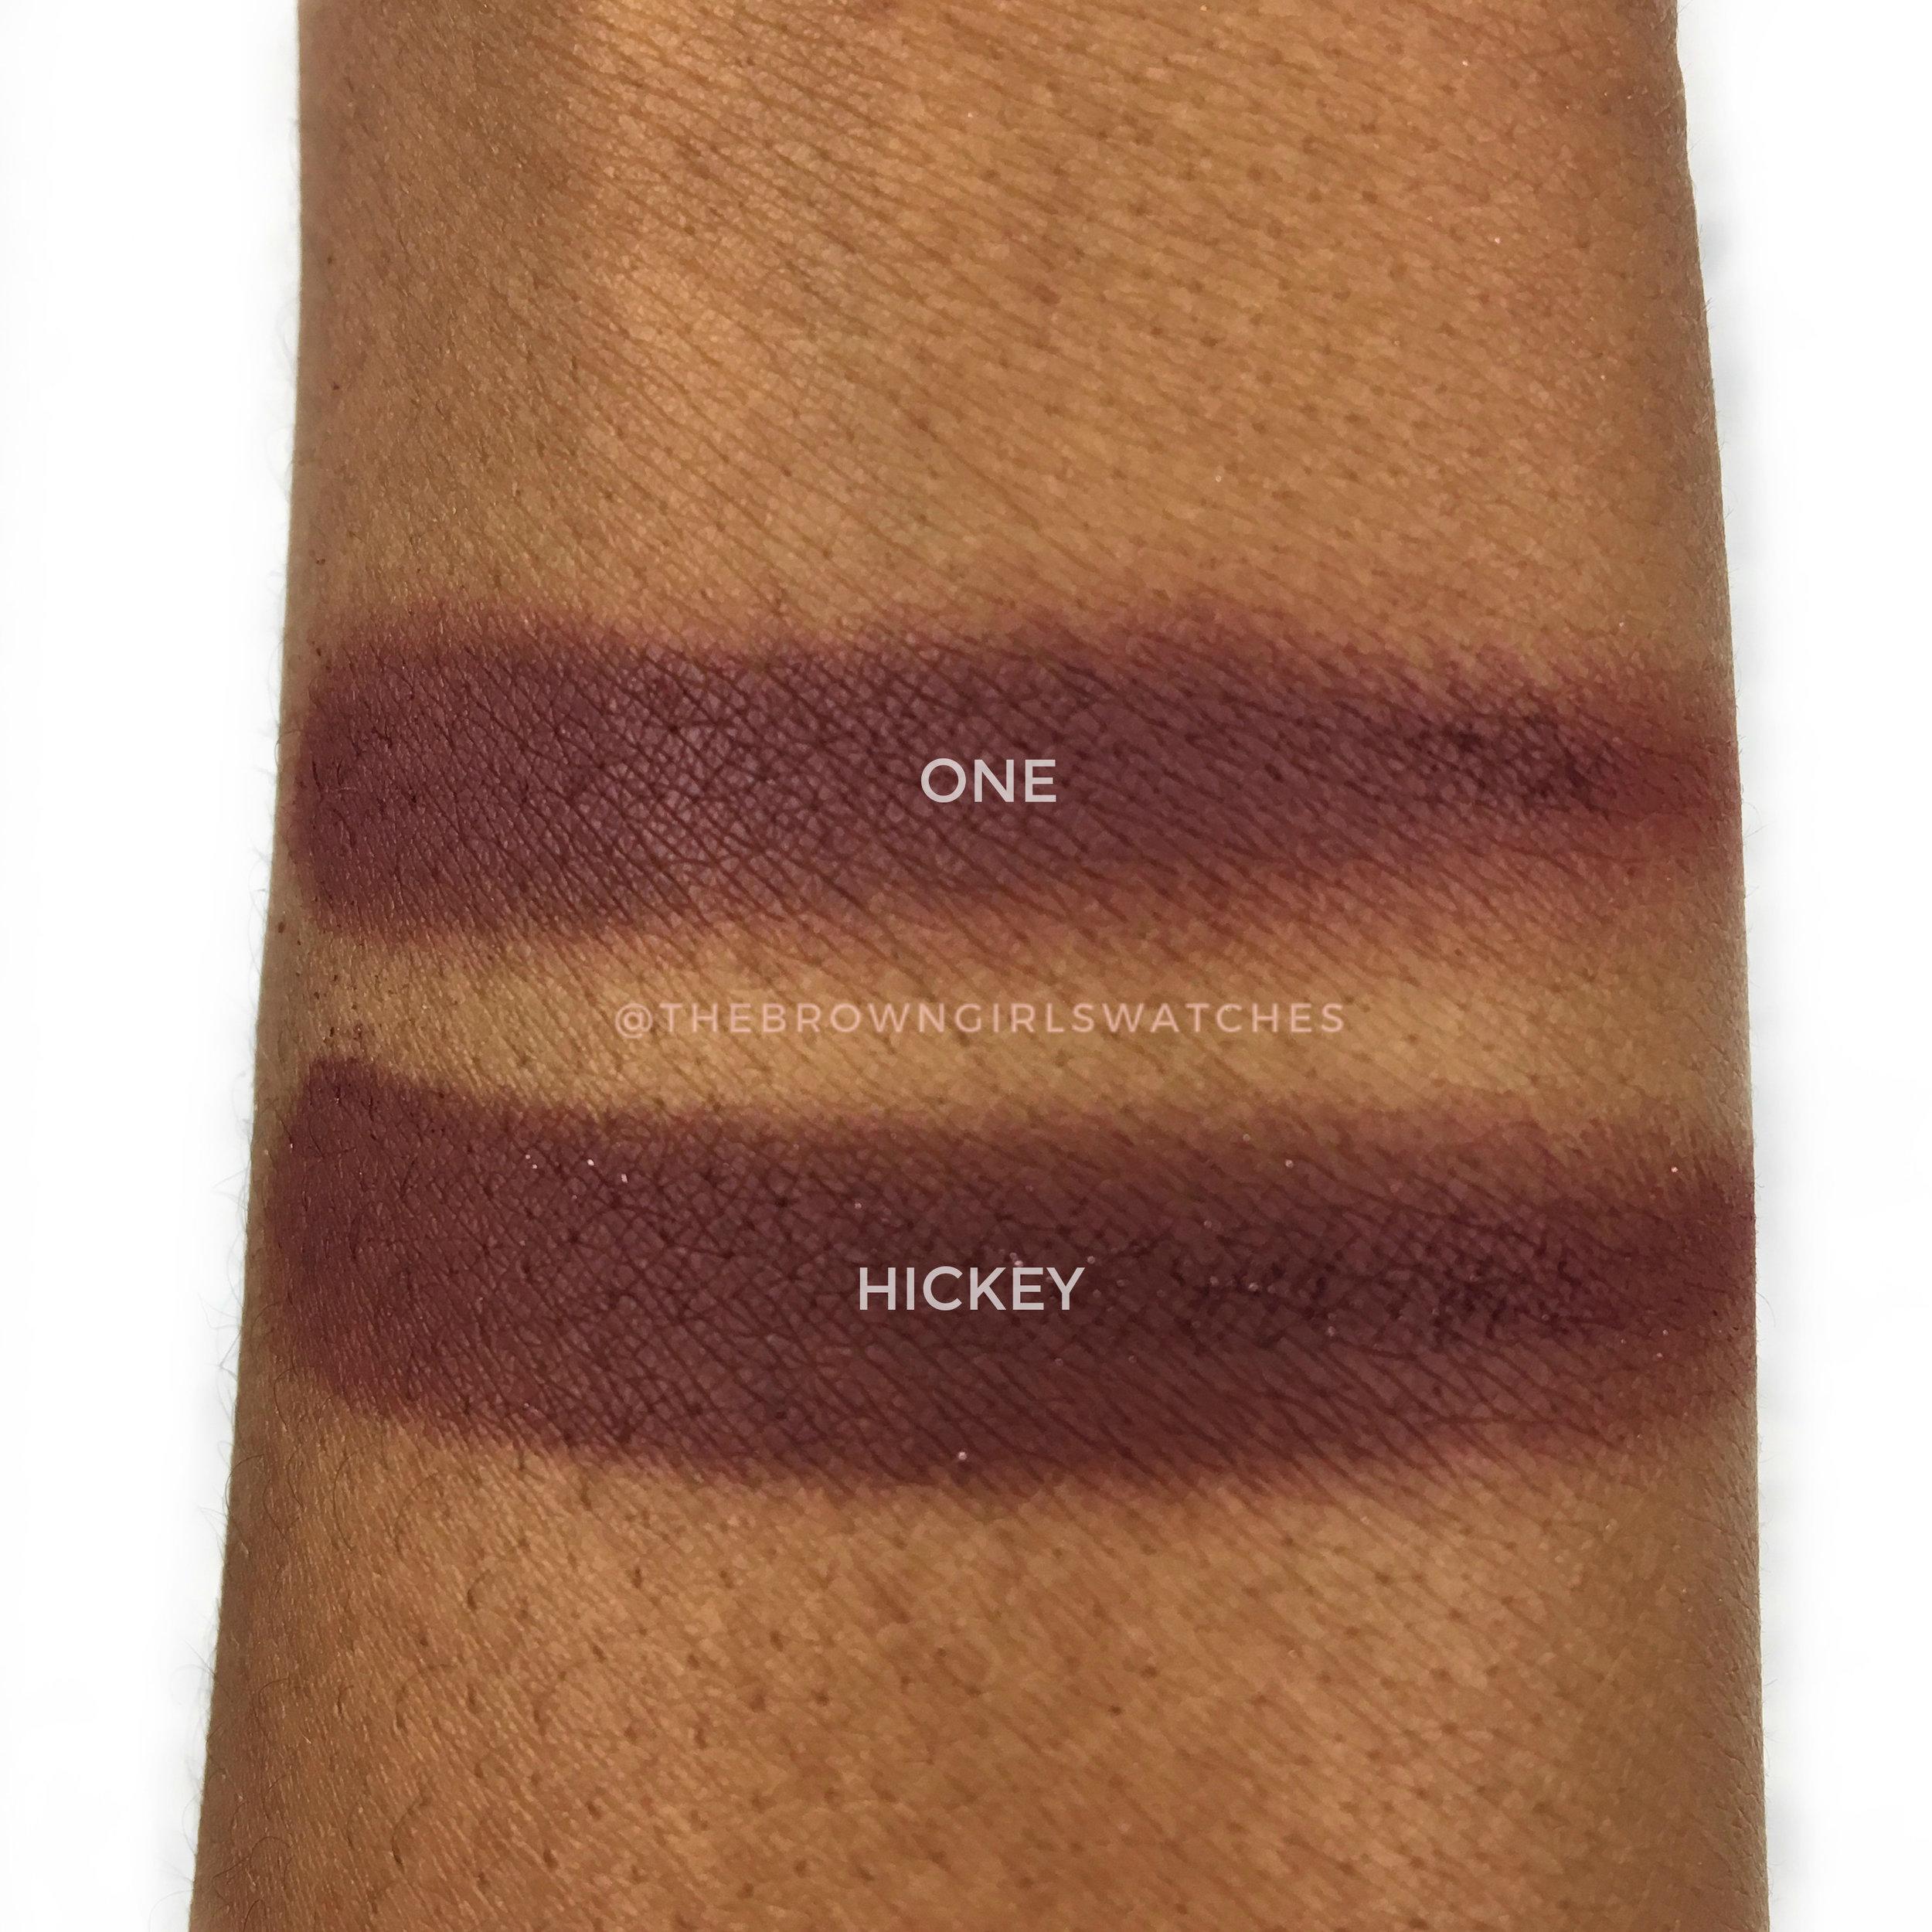 One VS Hickey.jpg